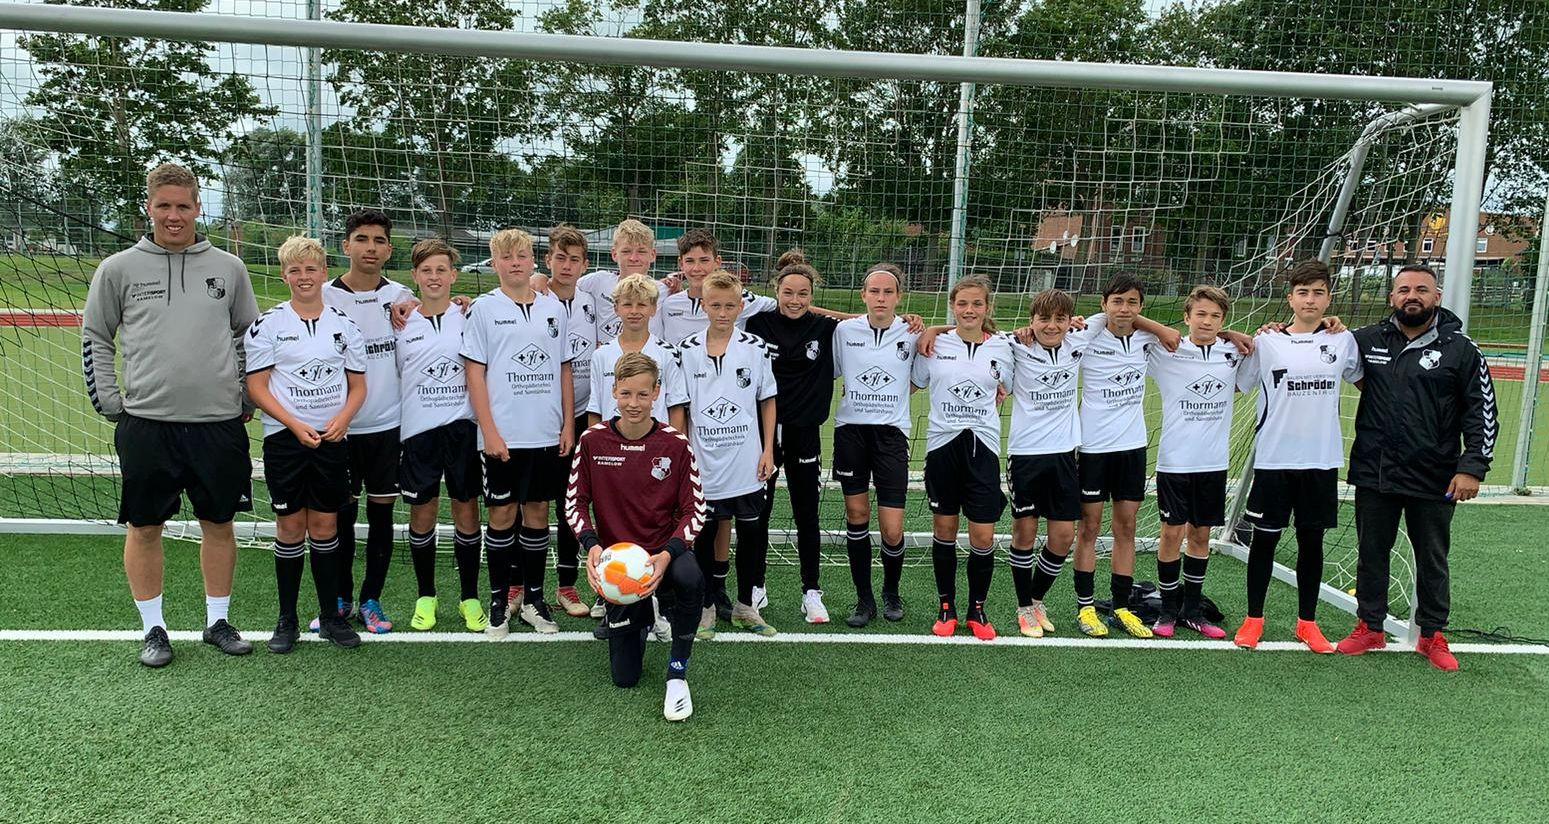 Qualifikation zum Landespokal der A- bis C-Junioren